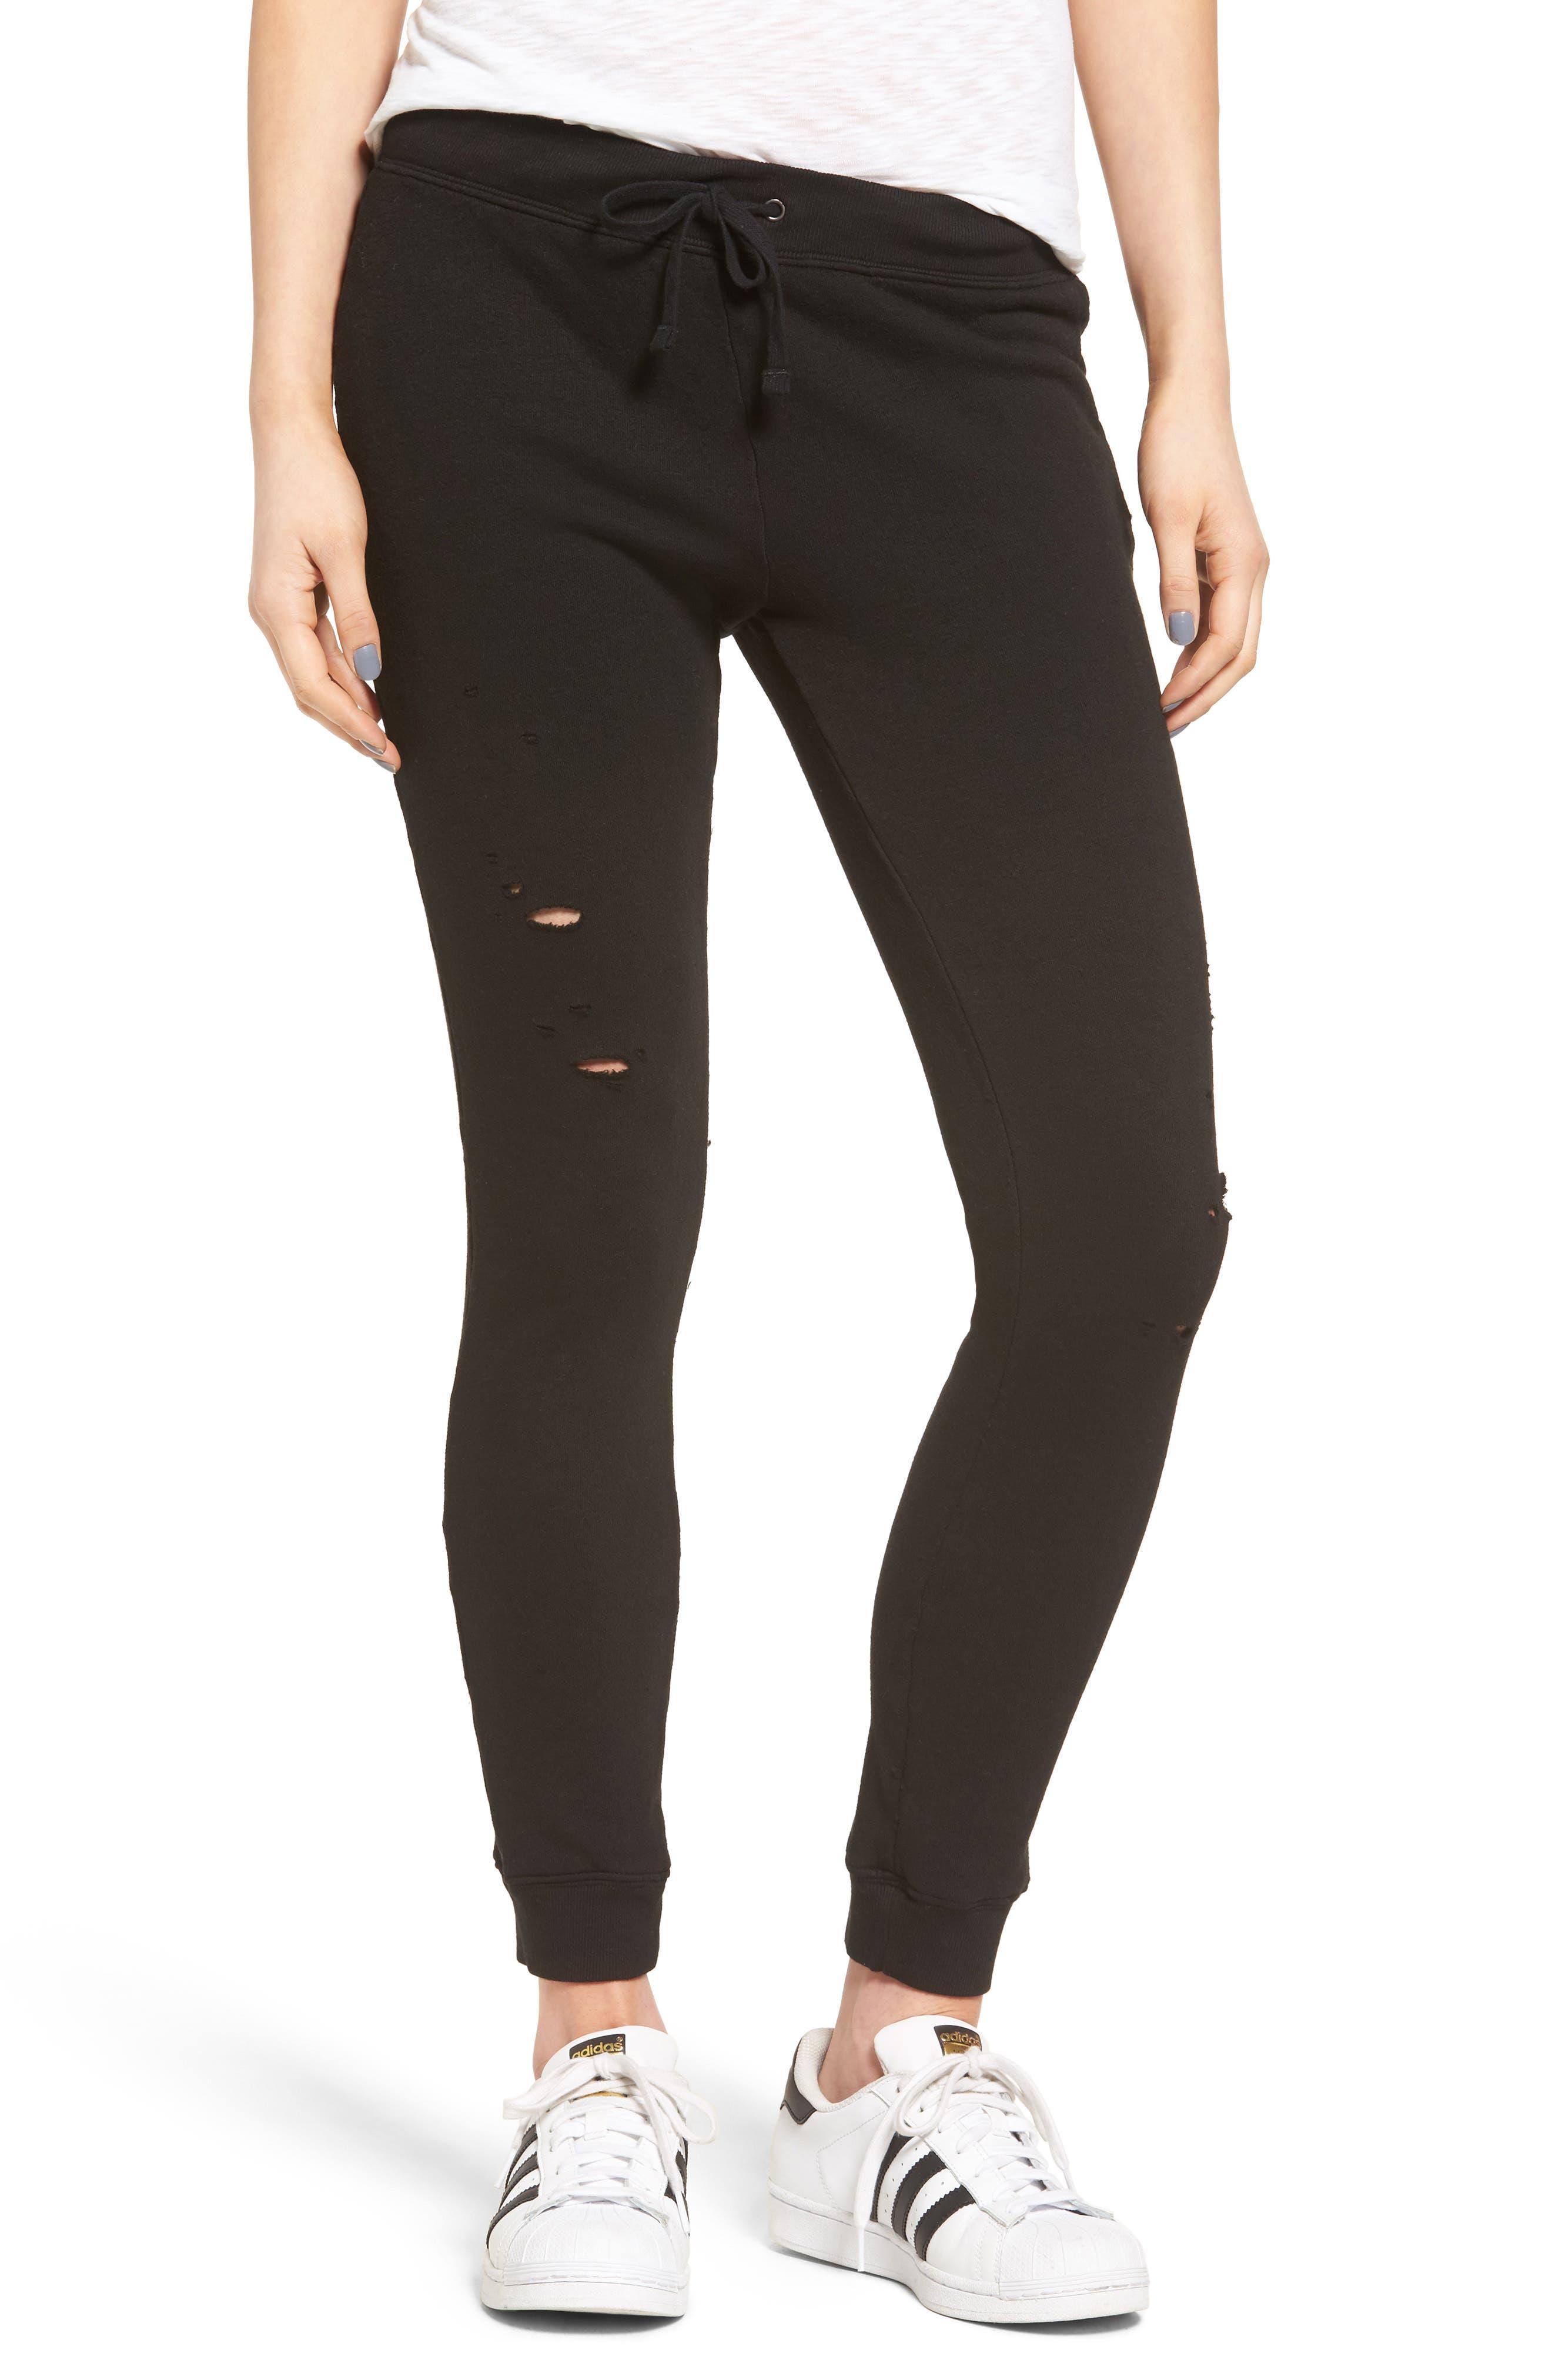 Betsee Distressed Jogger Pants,                             Main thumbnail 1, color,                             Black